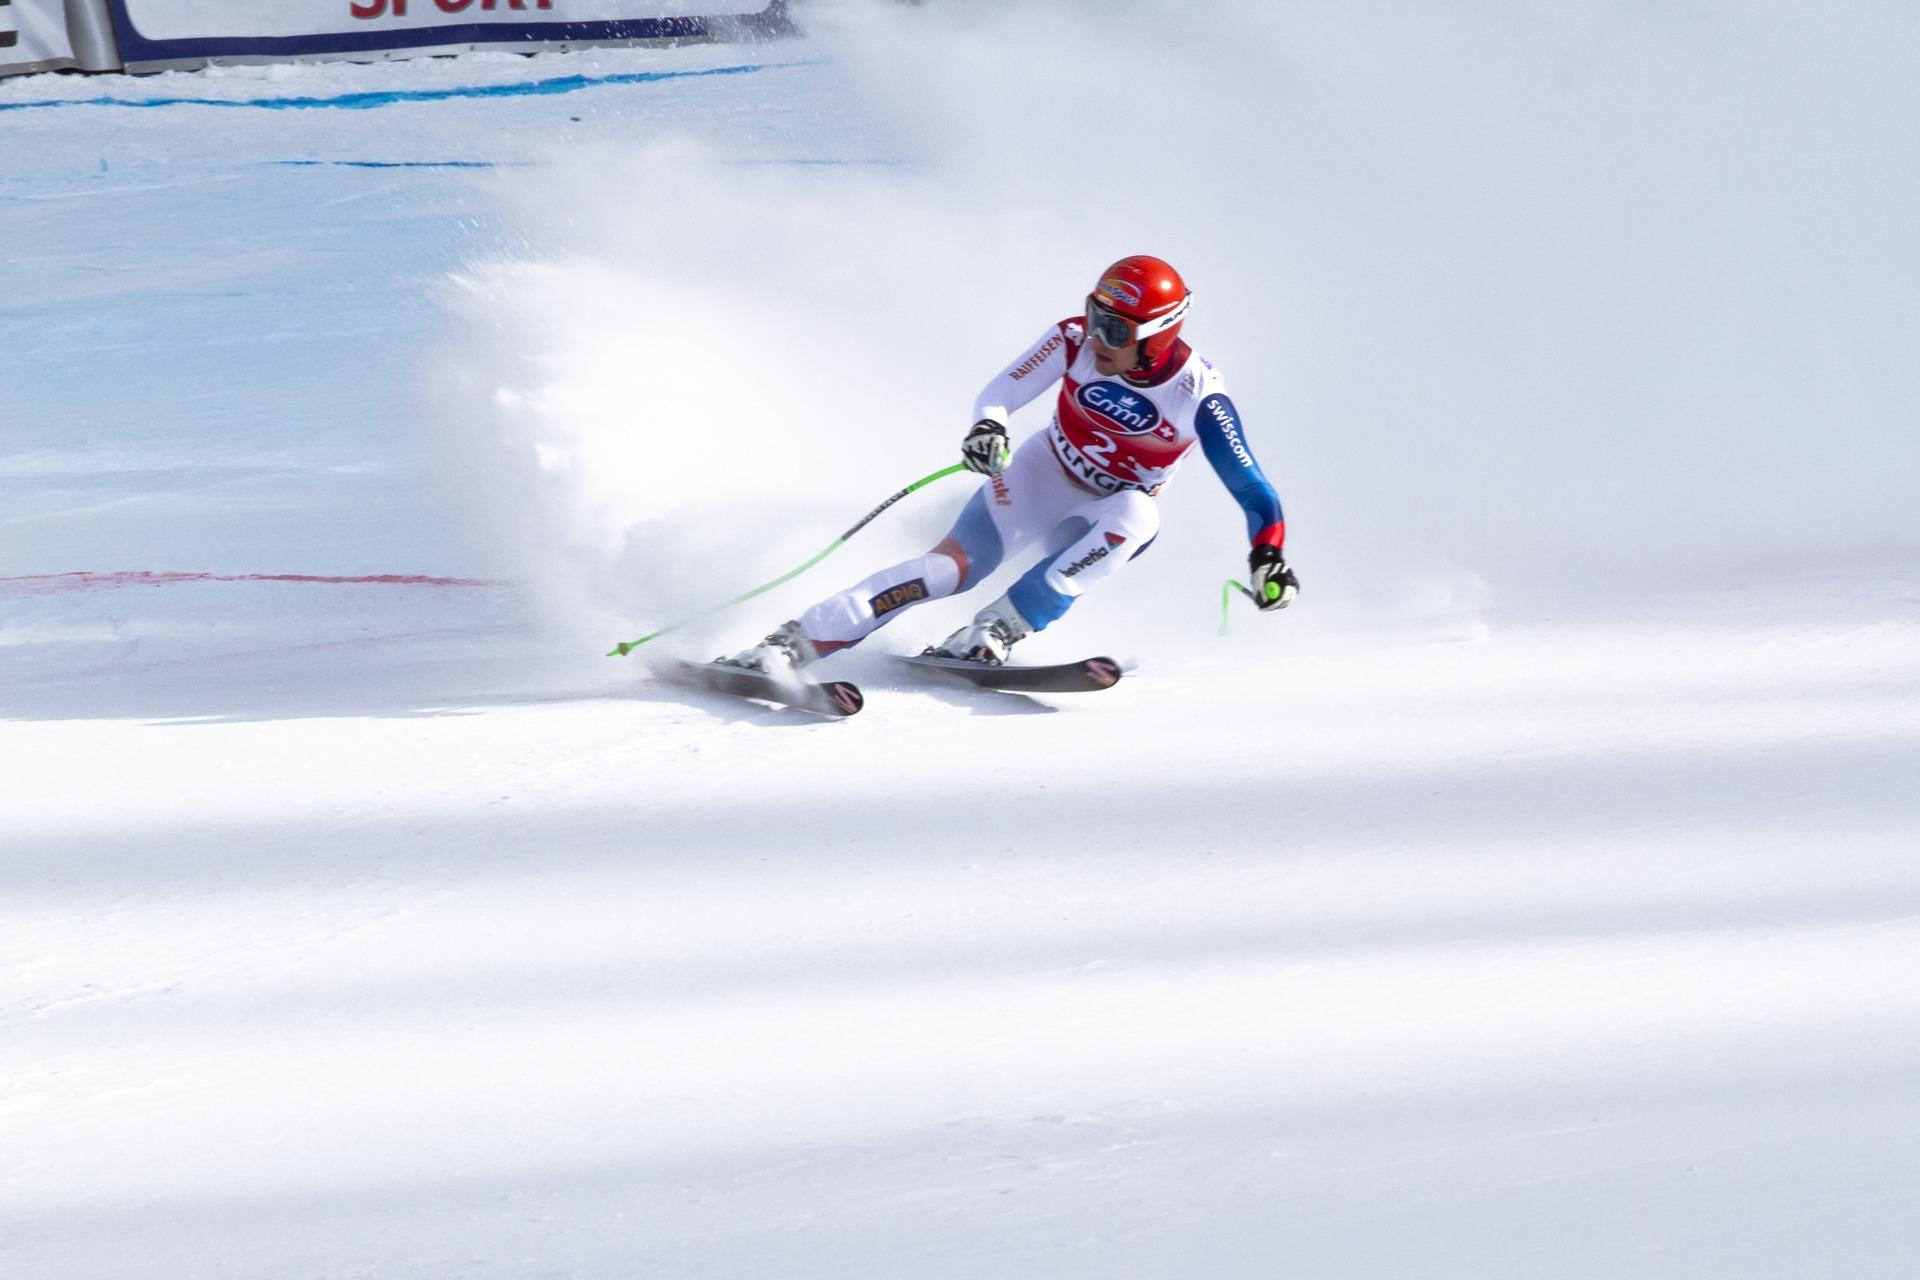 ski-race-2240476_1920